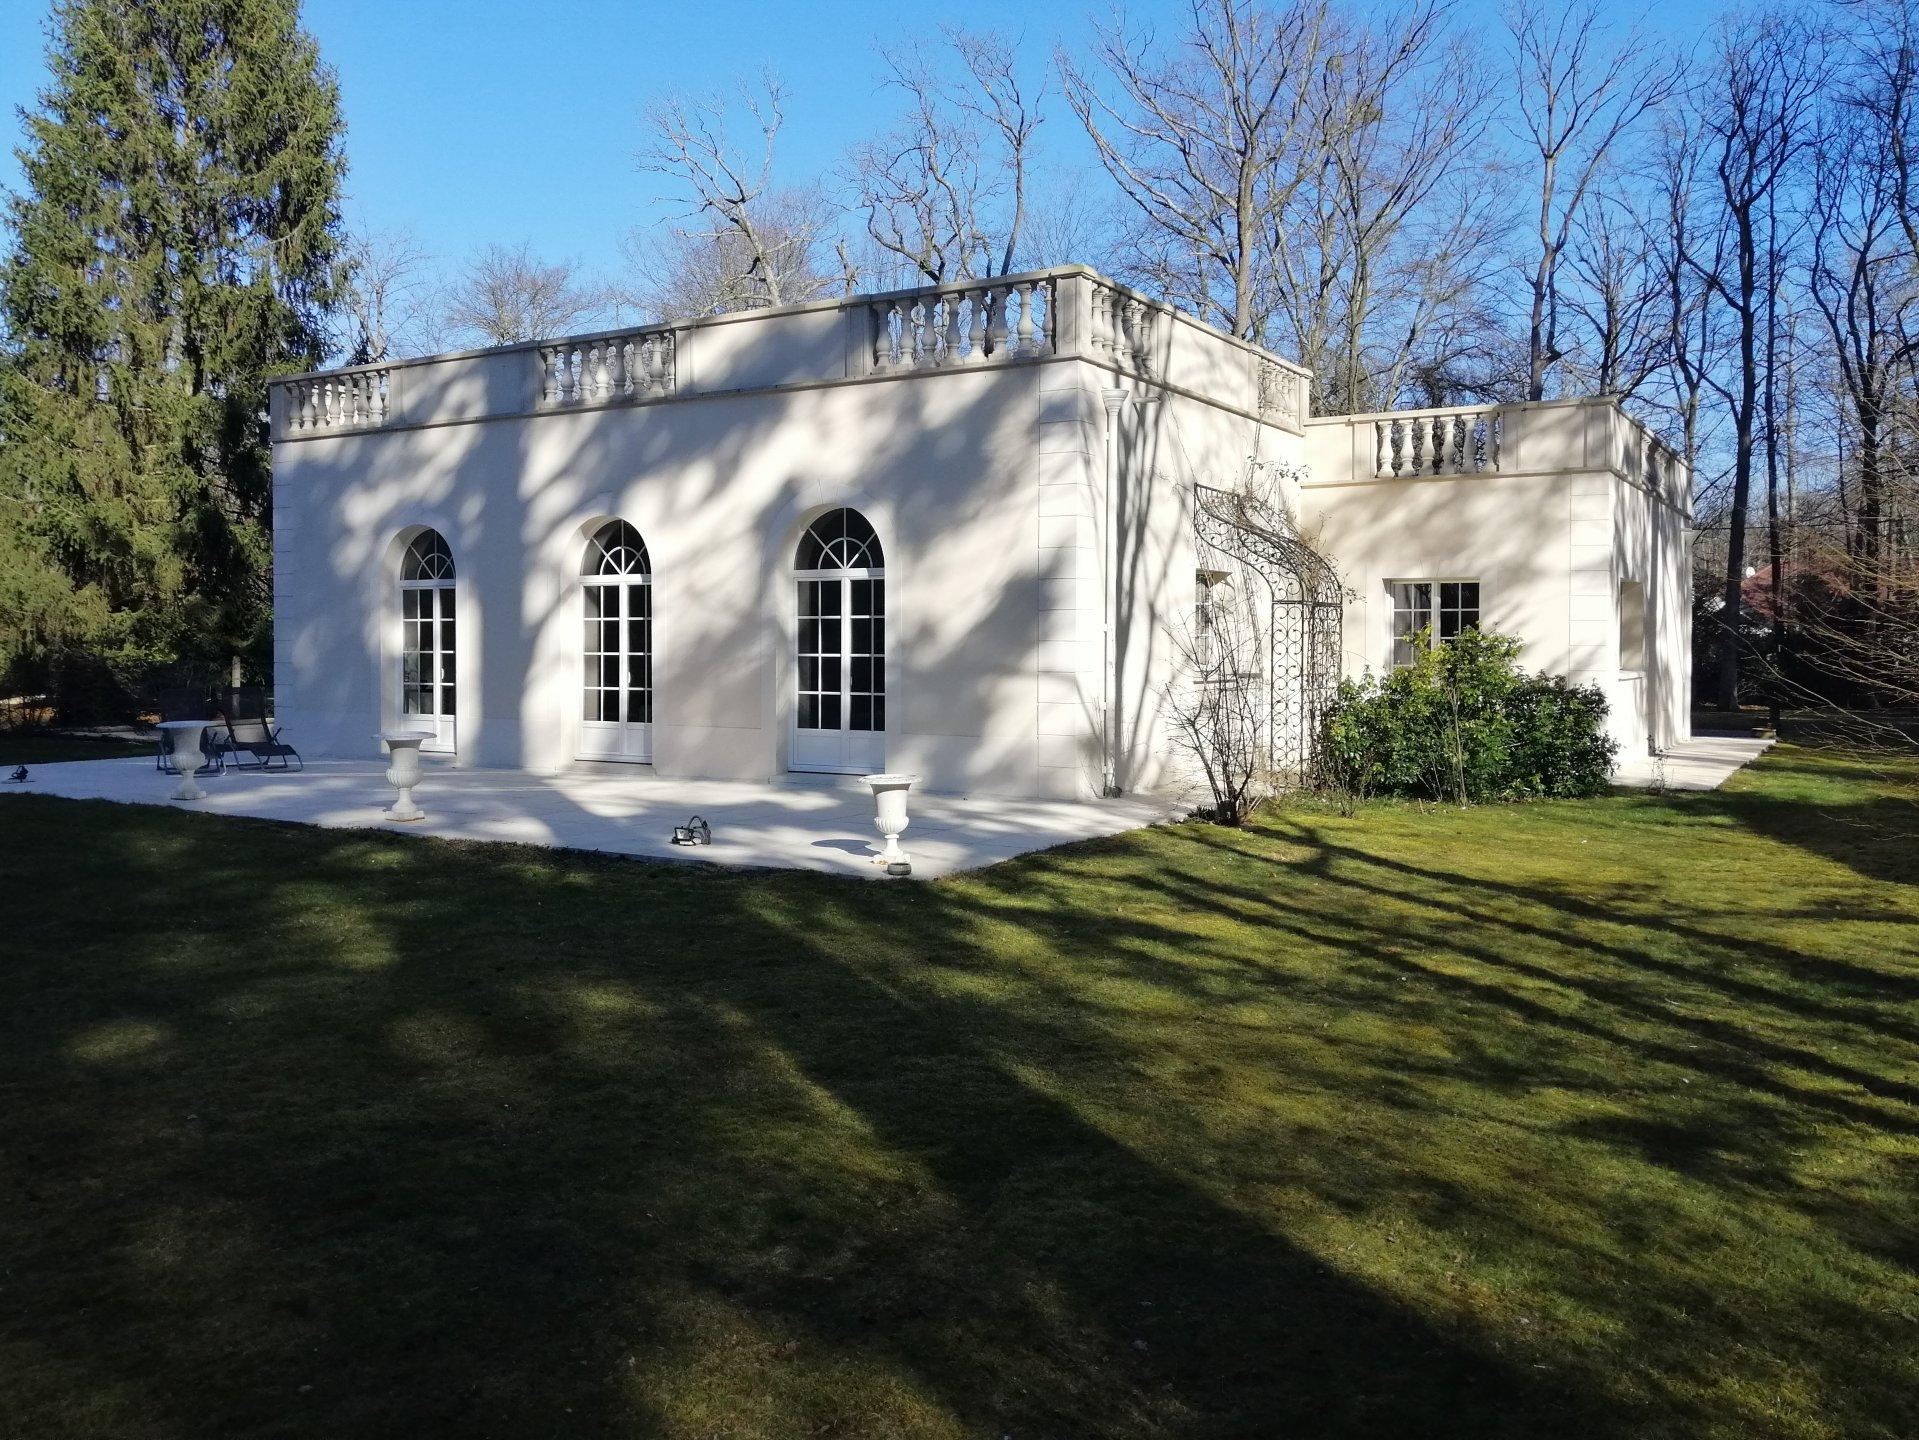 Propriété - Plain pied - 995 000 €